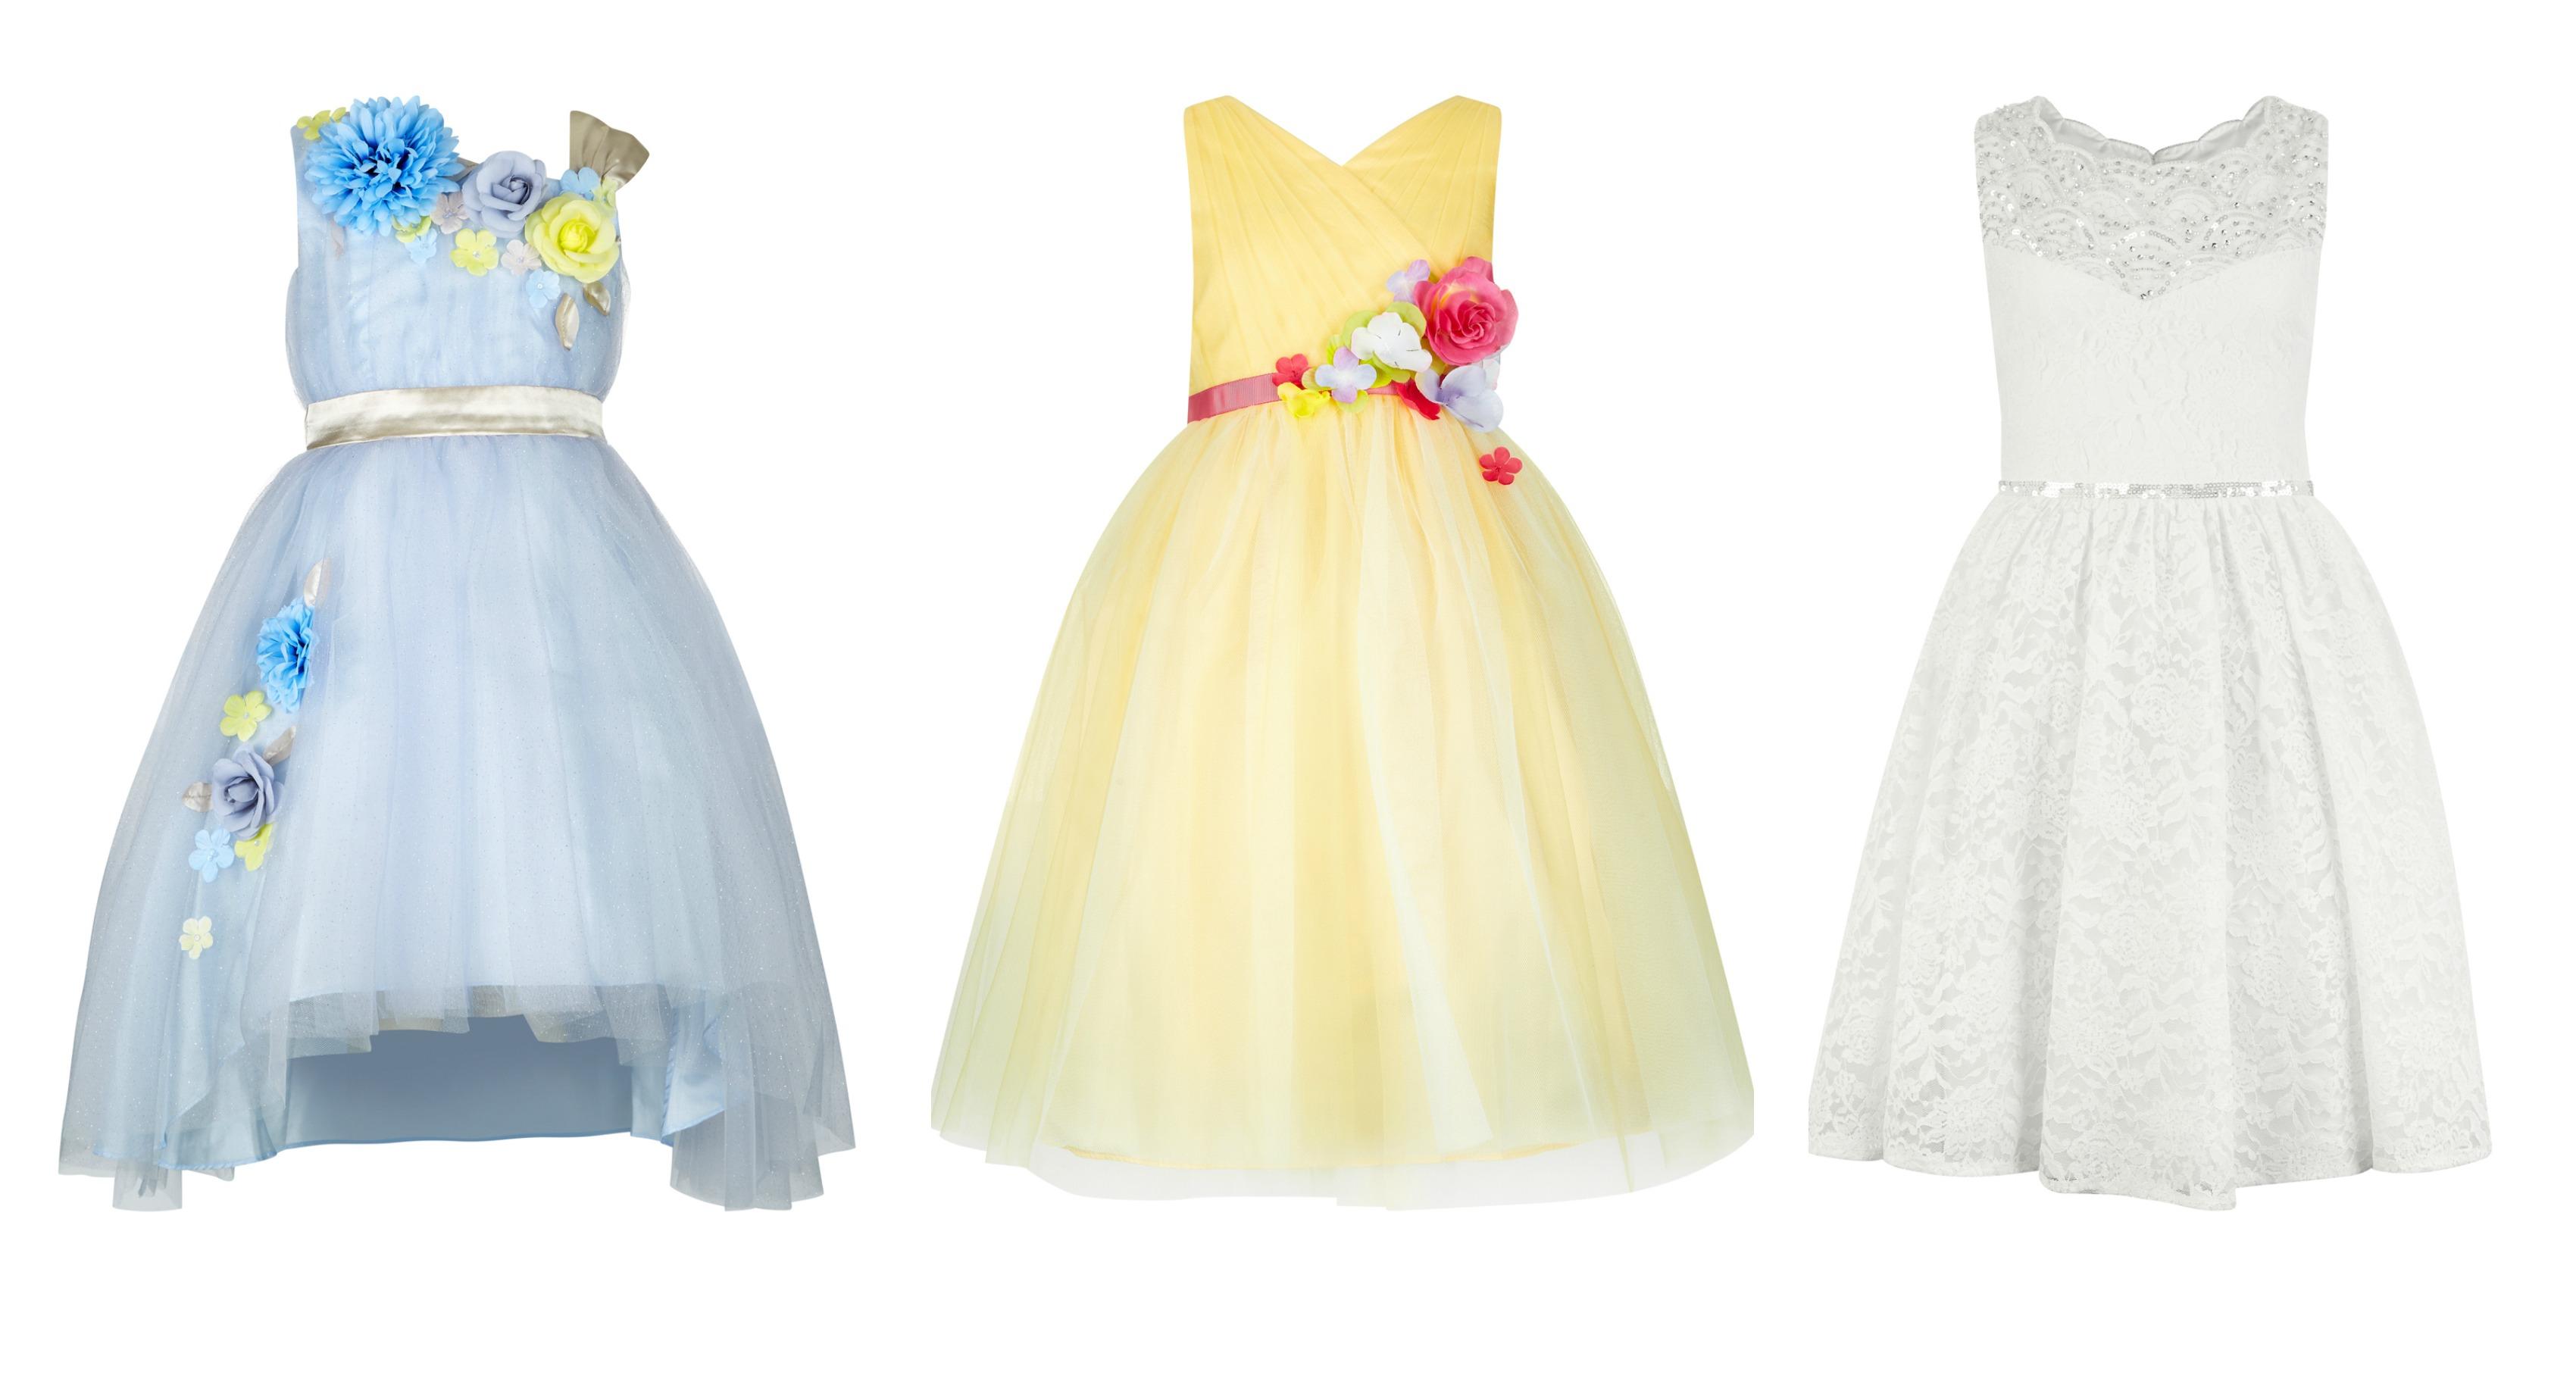 Monsoon feestkleding-communiejurken-communie-feestjurken voor meisjes-bruidsmeisjesjurken-exclusieve jurken voor meisjes-GoodGirlsCompany